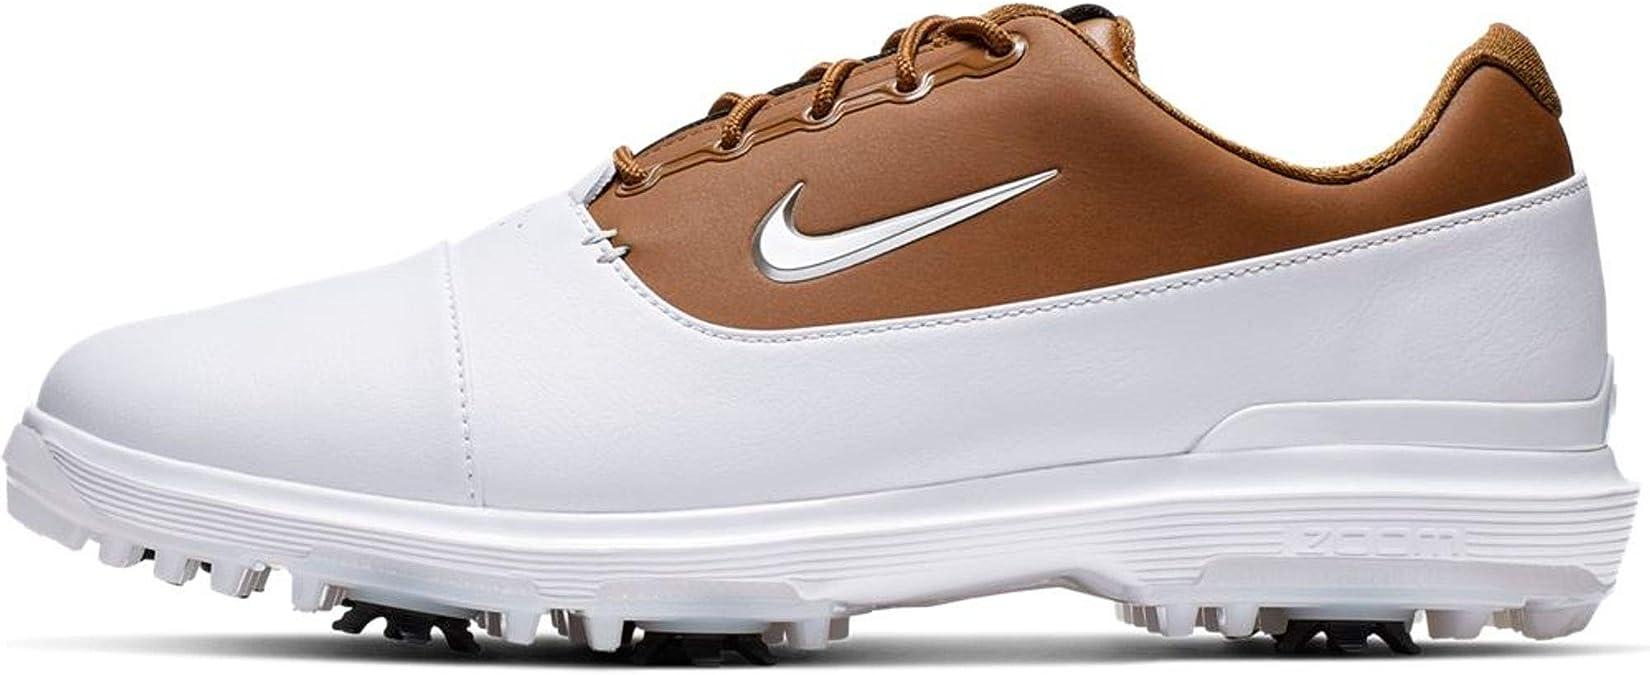 Nike Air Zoom Victory Pro, Zapatillas de Golf para Hombre ...